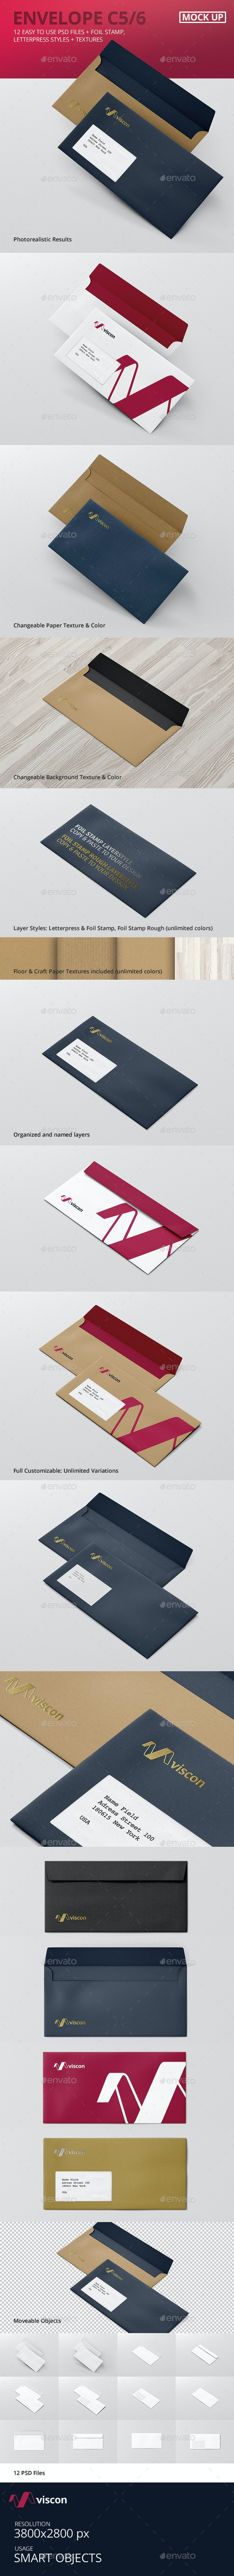 Envelope C5 / 6 Mock-Up - Stationery Print